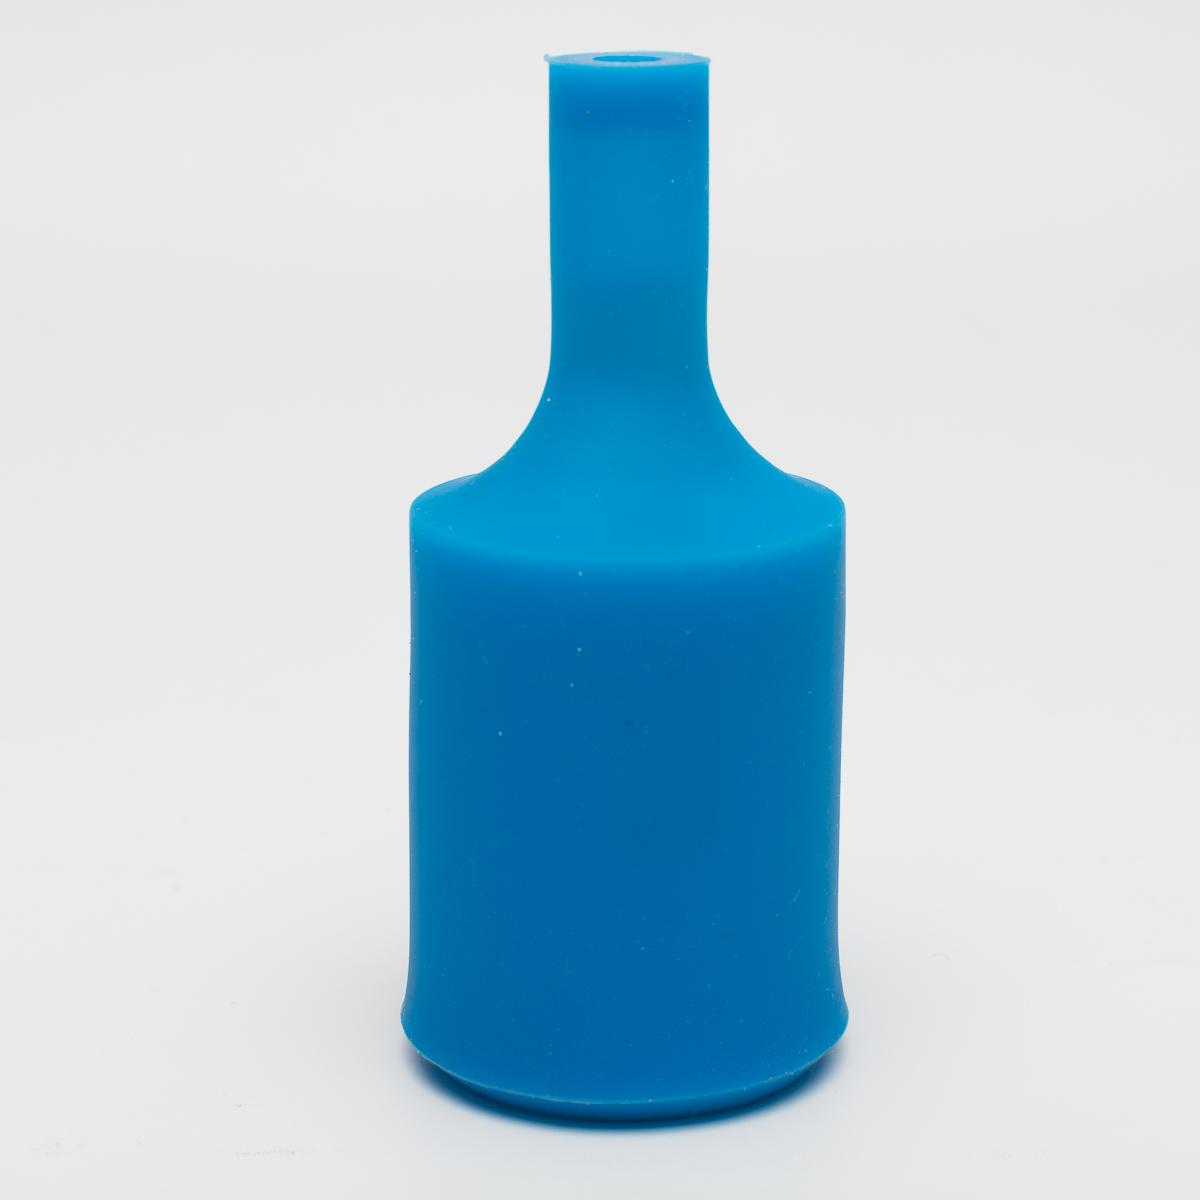 Патрон с силиконовой накладкой синий